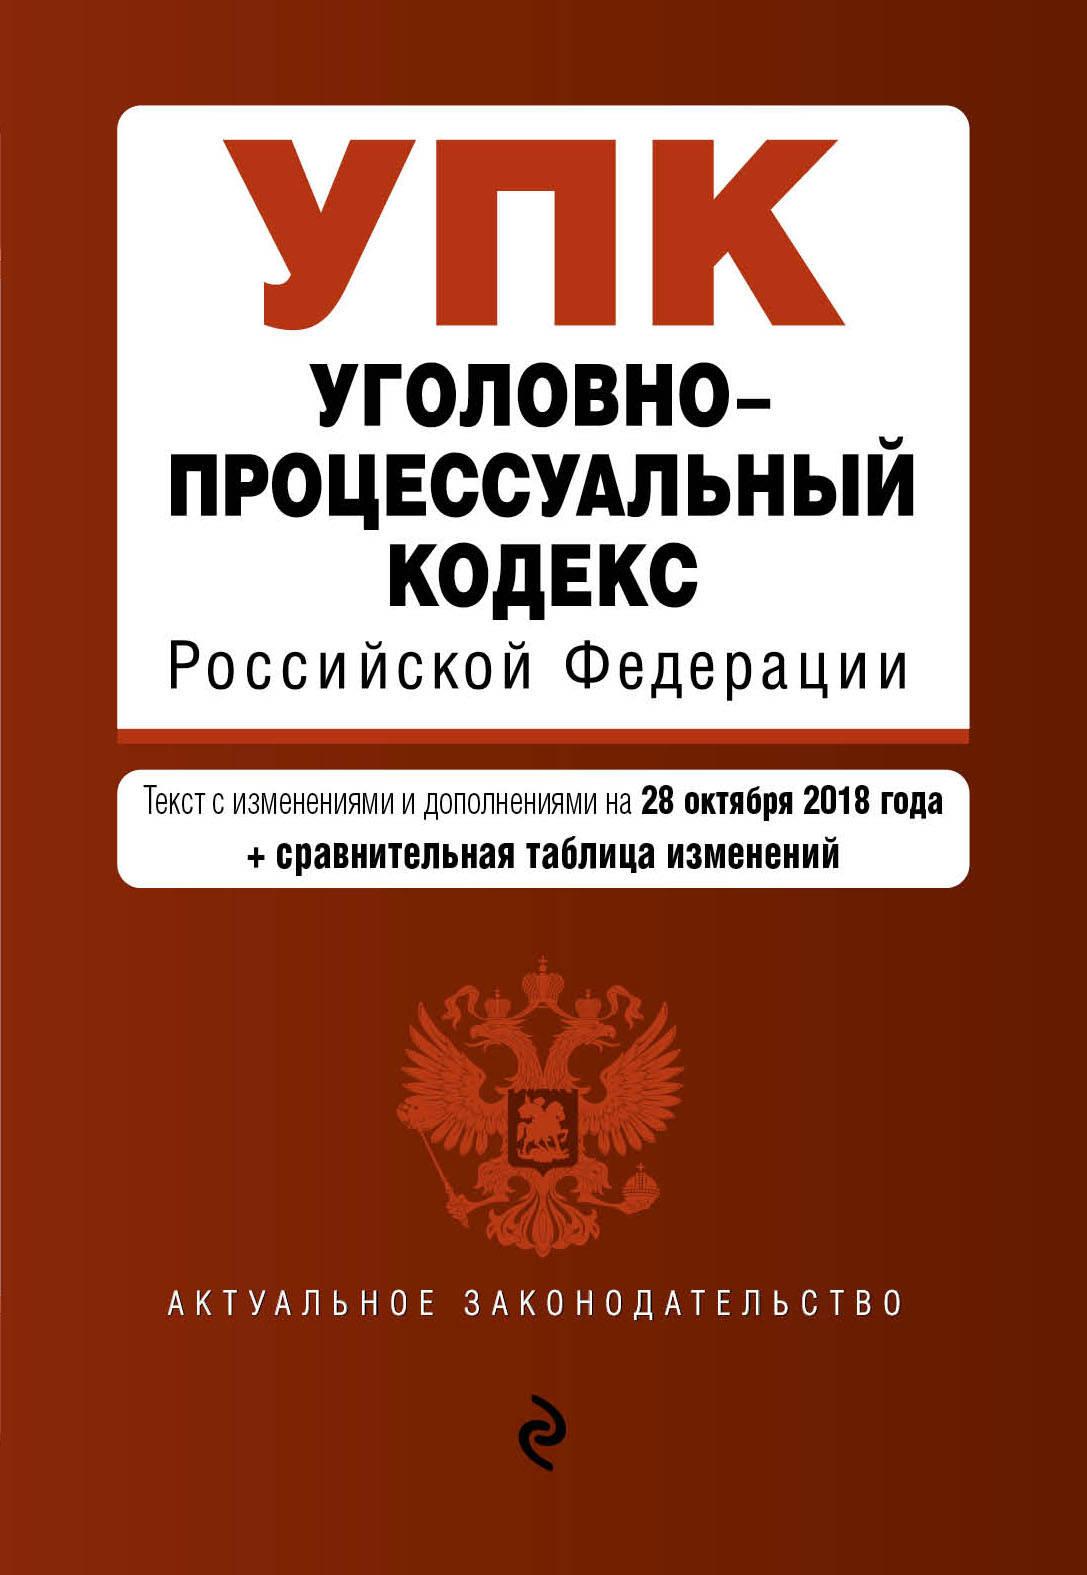 Уголовно-процессуальный кодекс Российской Федерации. Текст с изменениями и дополнениями на 28 октября 2018 г. (+ сравнительная таблица изменений)